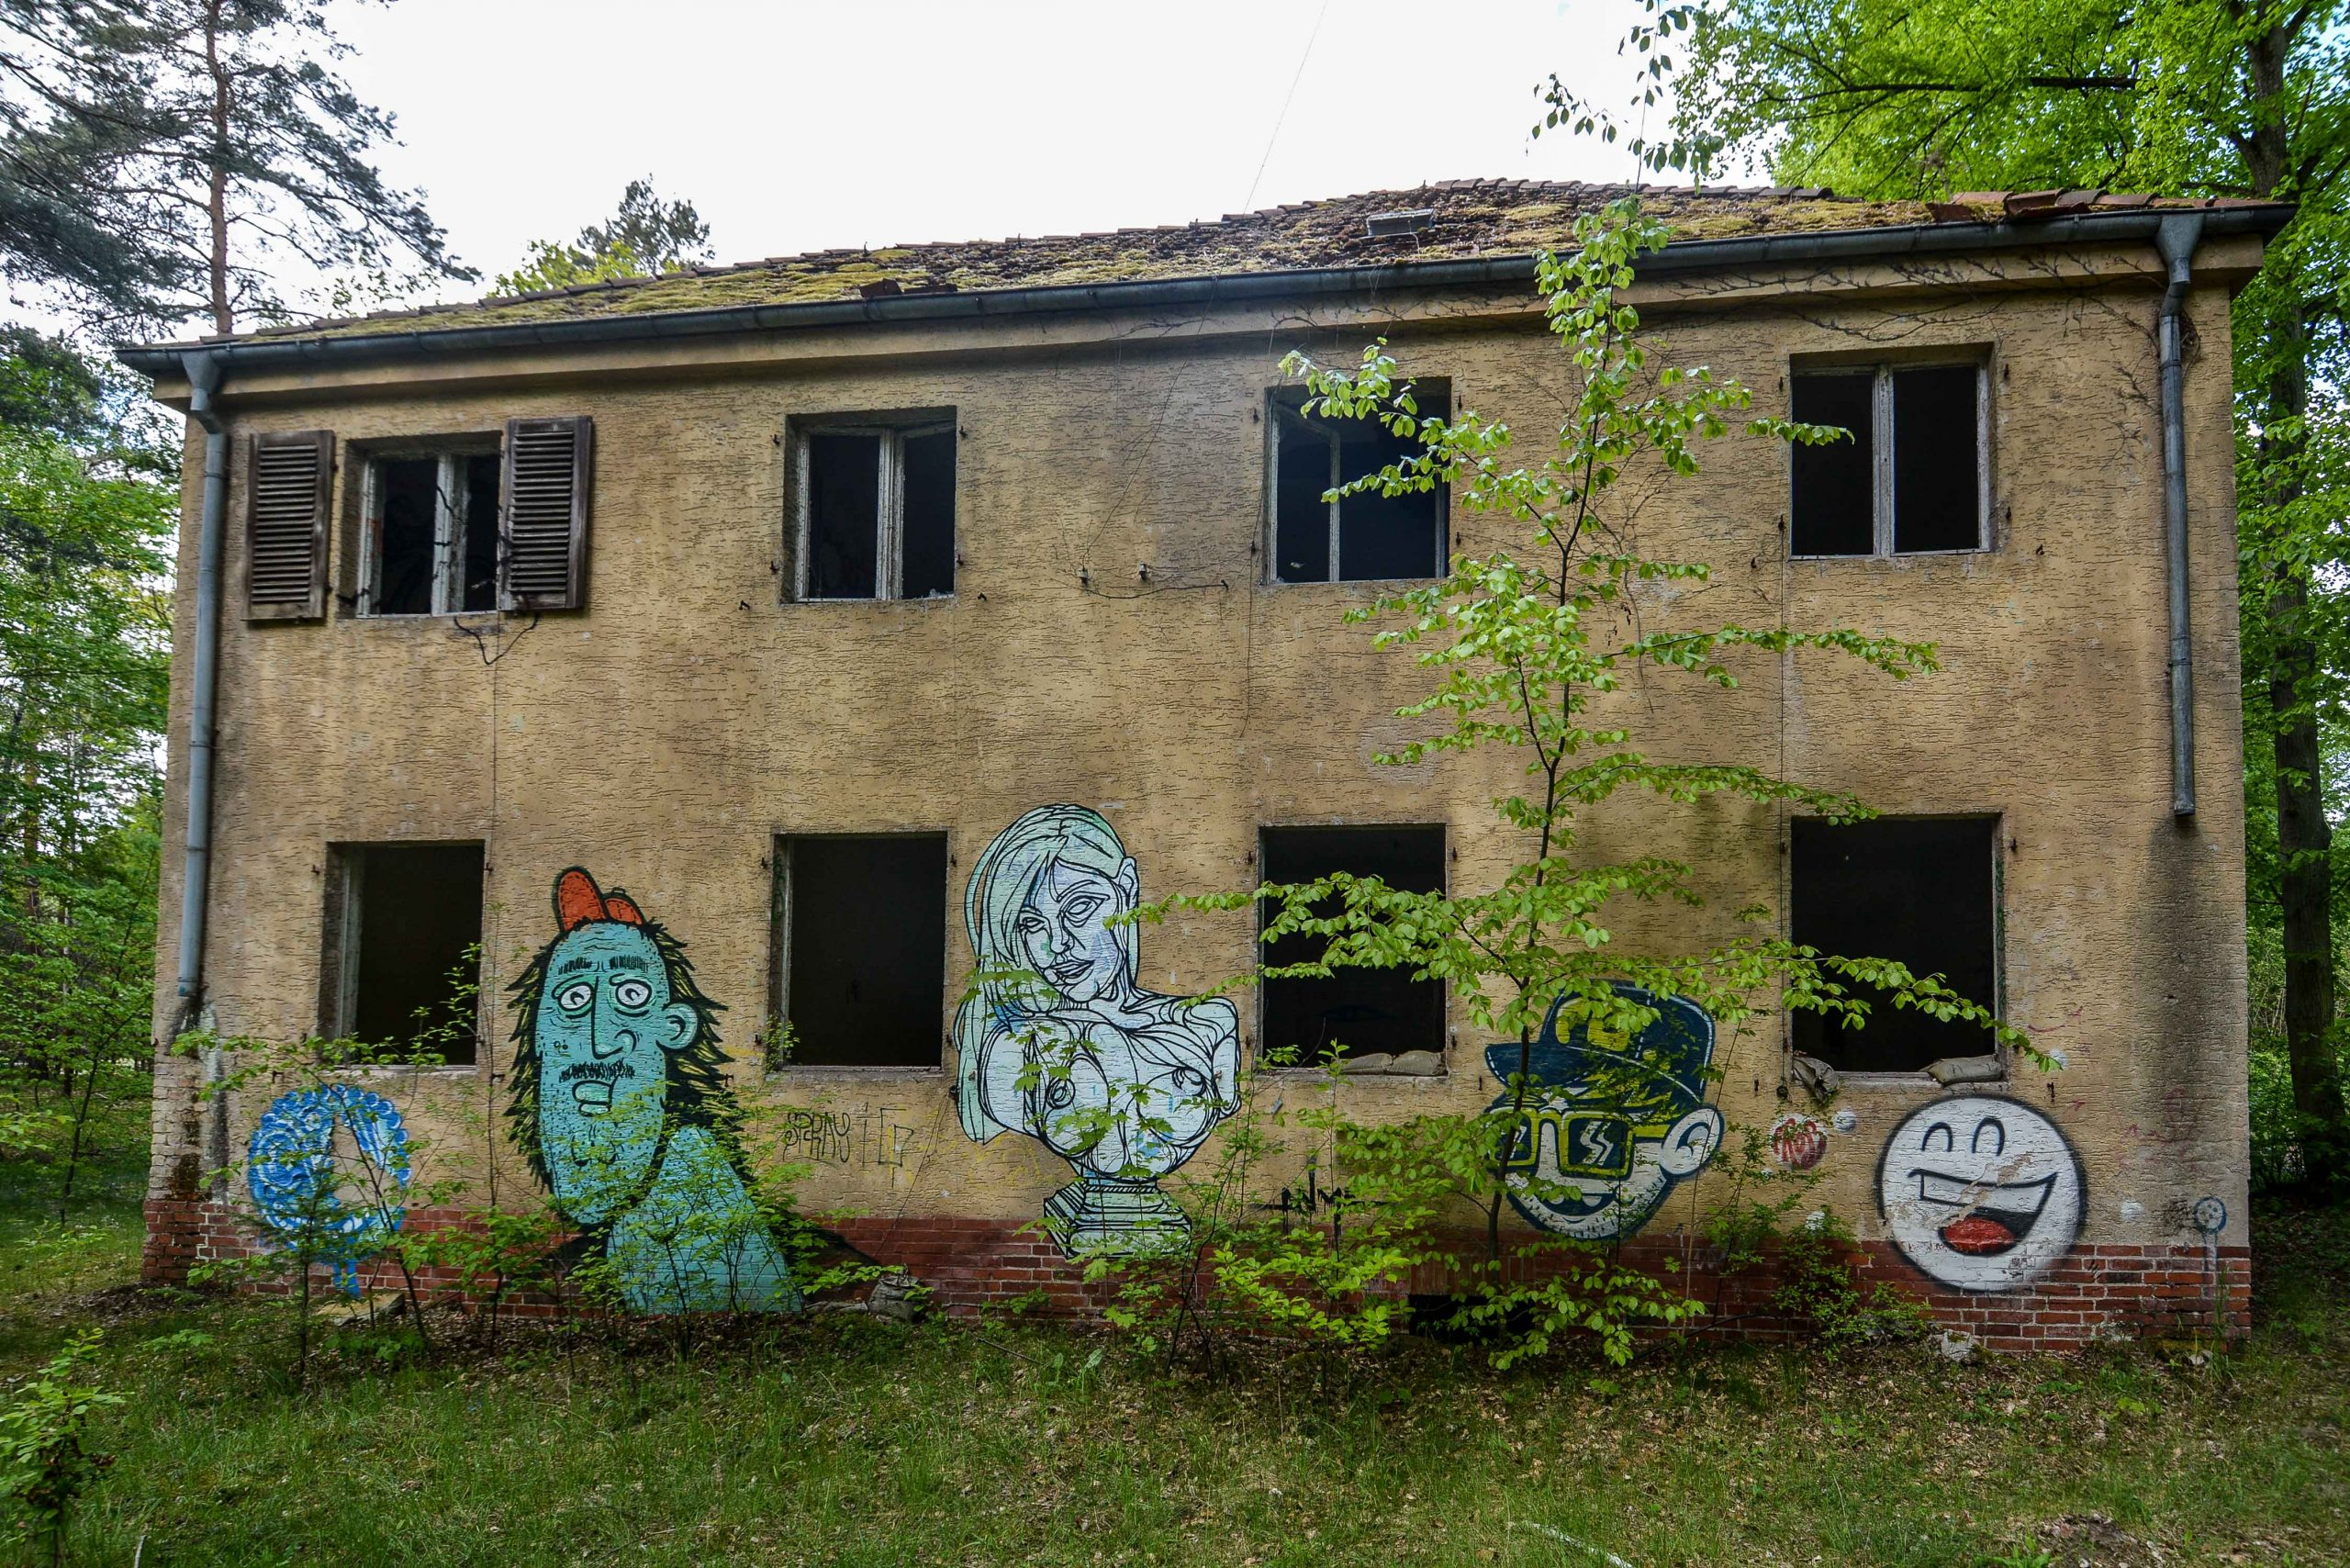 house graffiti street art tuberkulose heilstaette grabowsee sanatorium oranienburg lost places abandoned urbex brandenburg germany deutschland